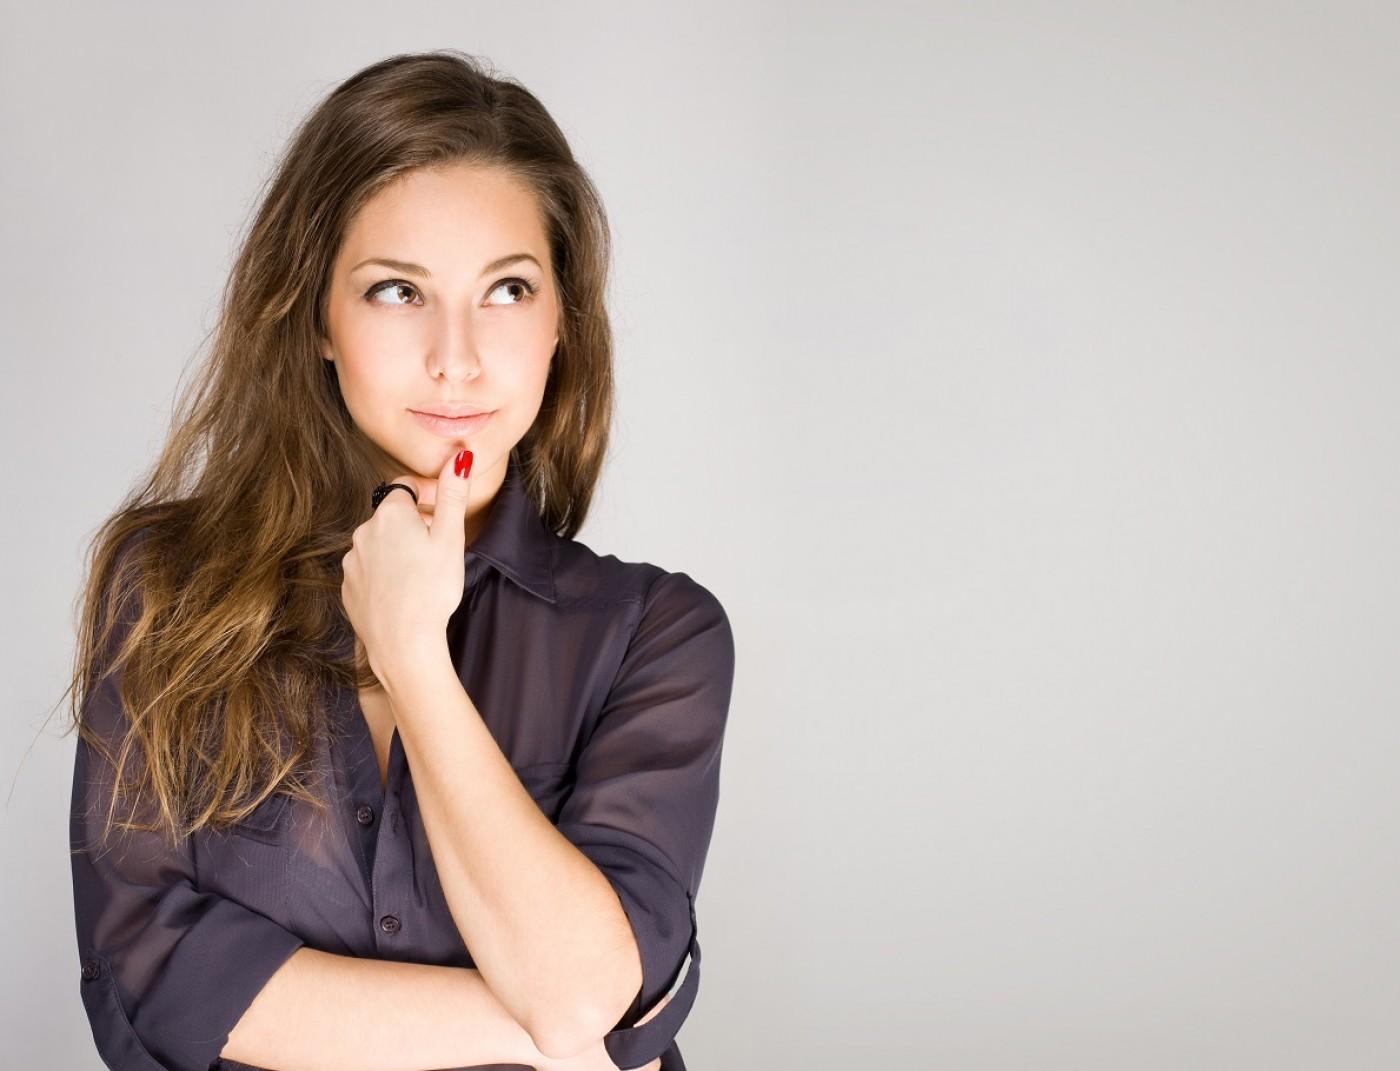 Женщина после 35:  что происходит с организмом?